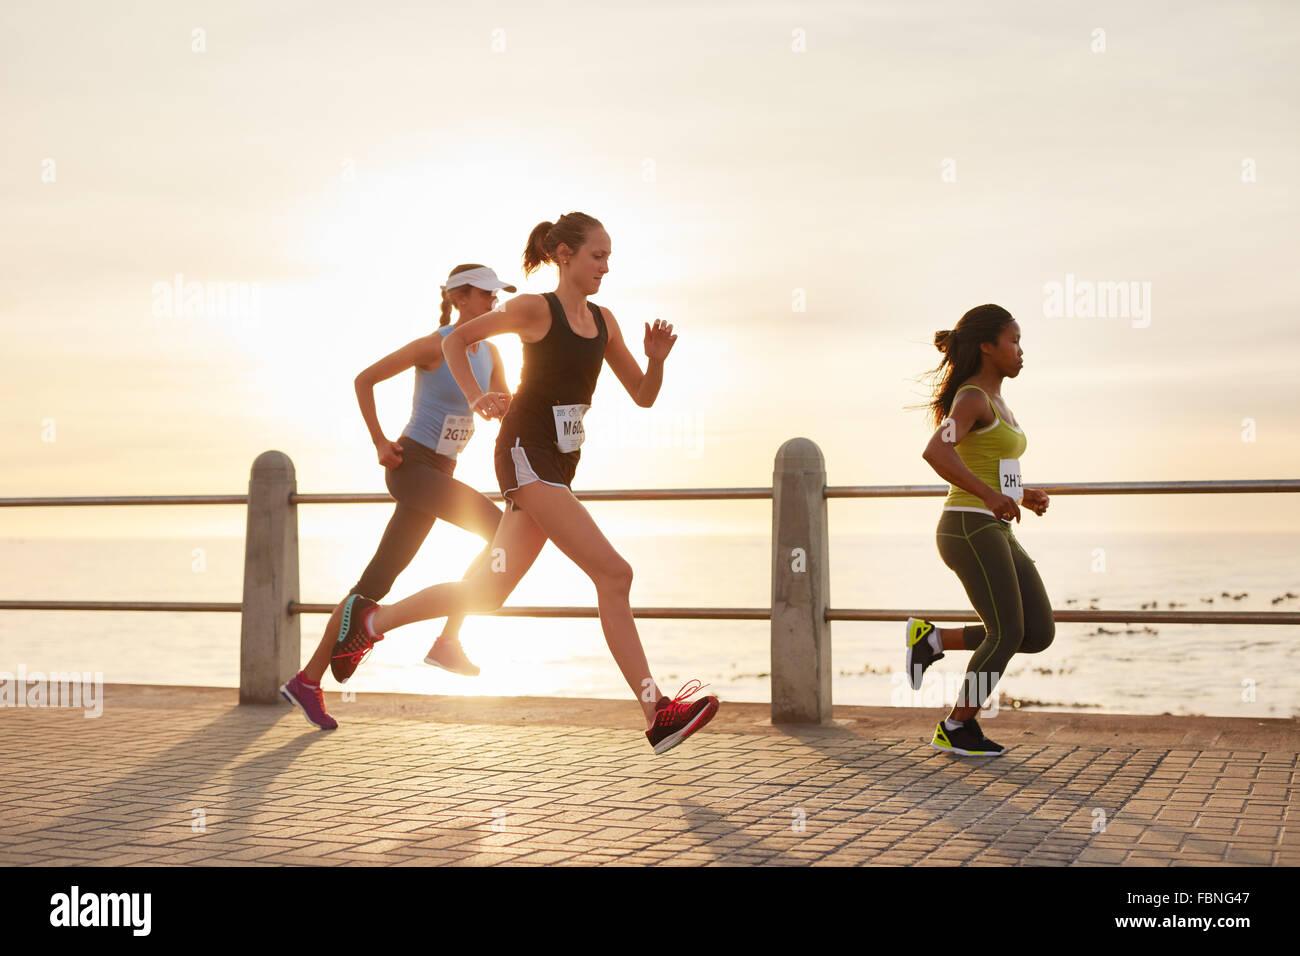 Drei junge Frauen, die auf eine Straße am Meer. Gruppe von Taucher Läufer training direkt an Strandpromenade Stockbild